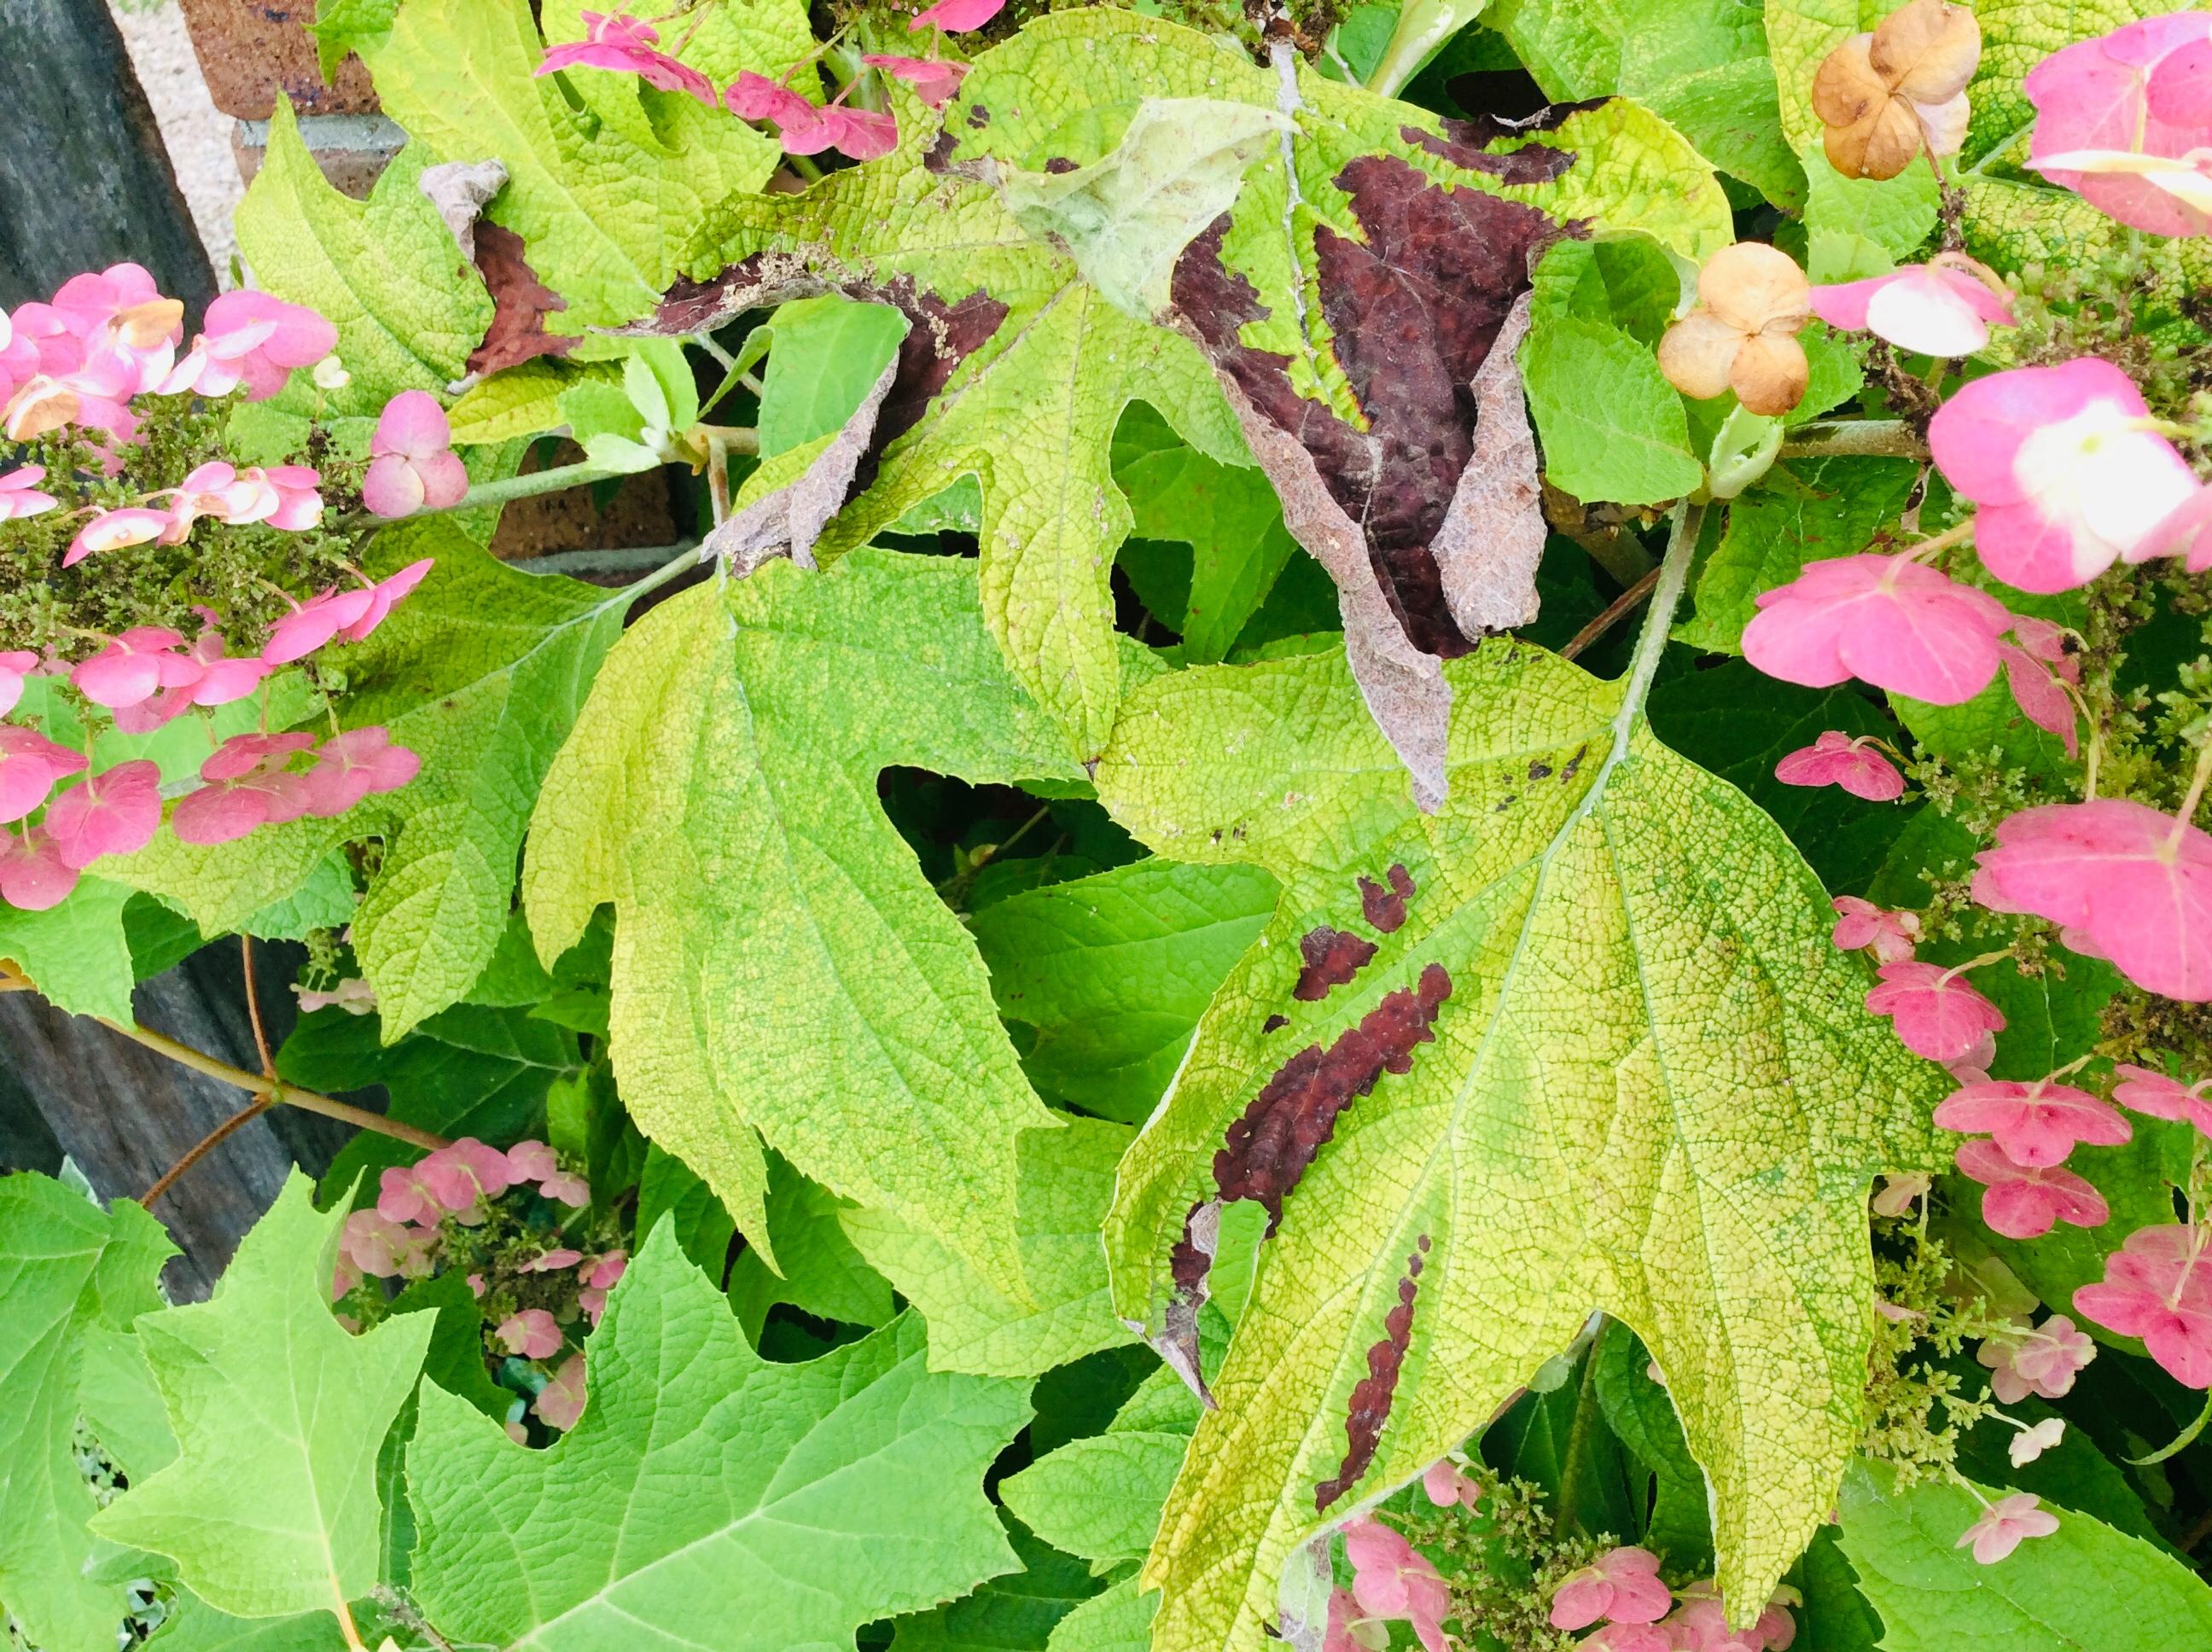 葉焼けを起こしたカシワバアジサイの葉